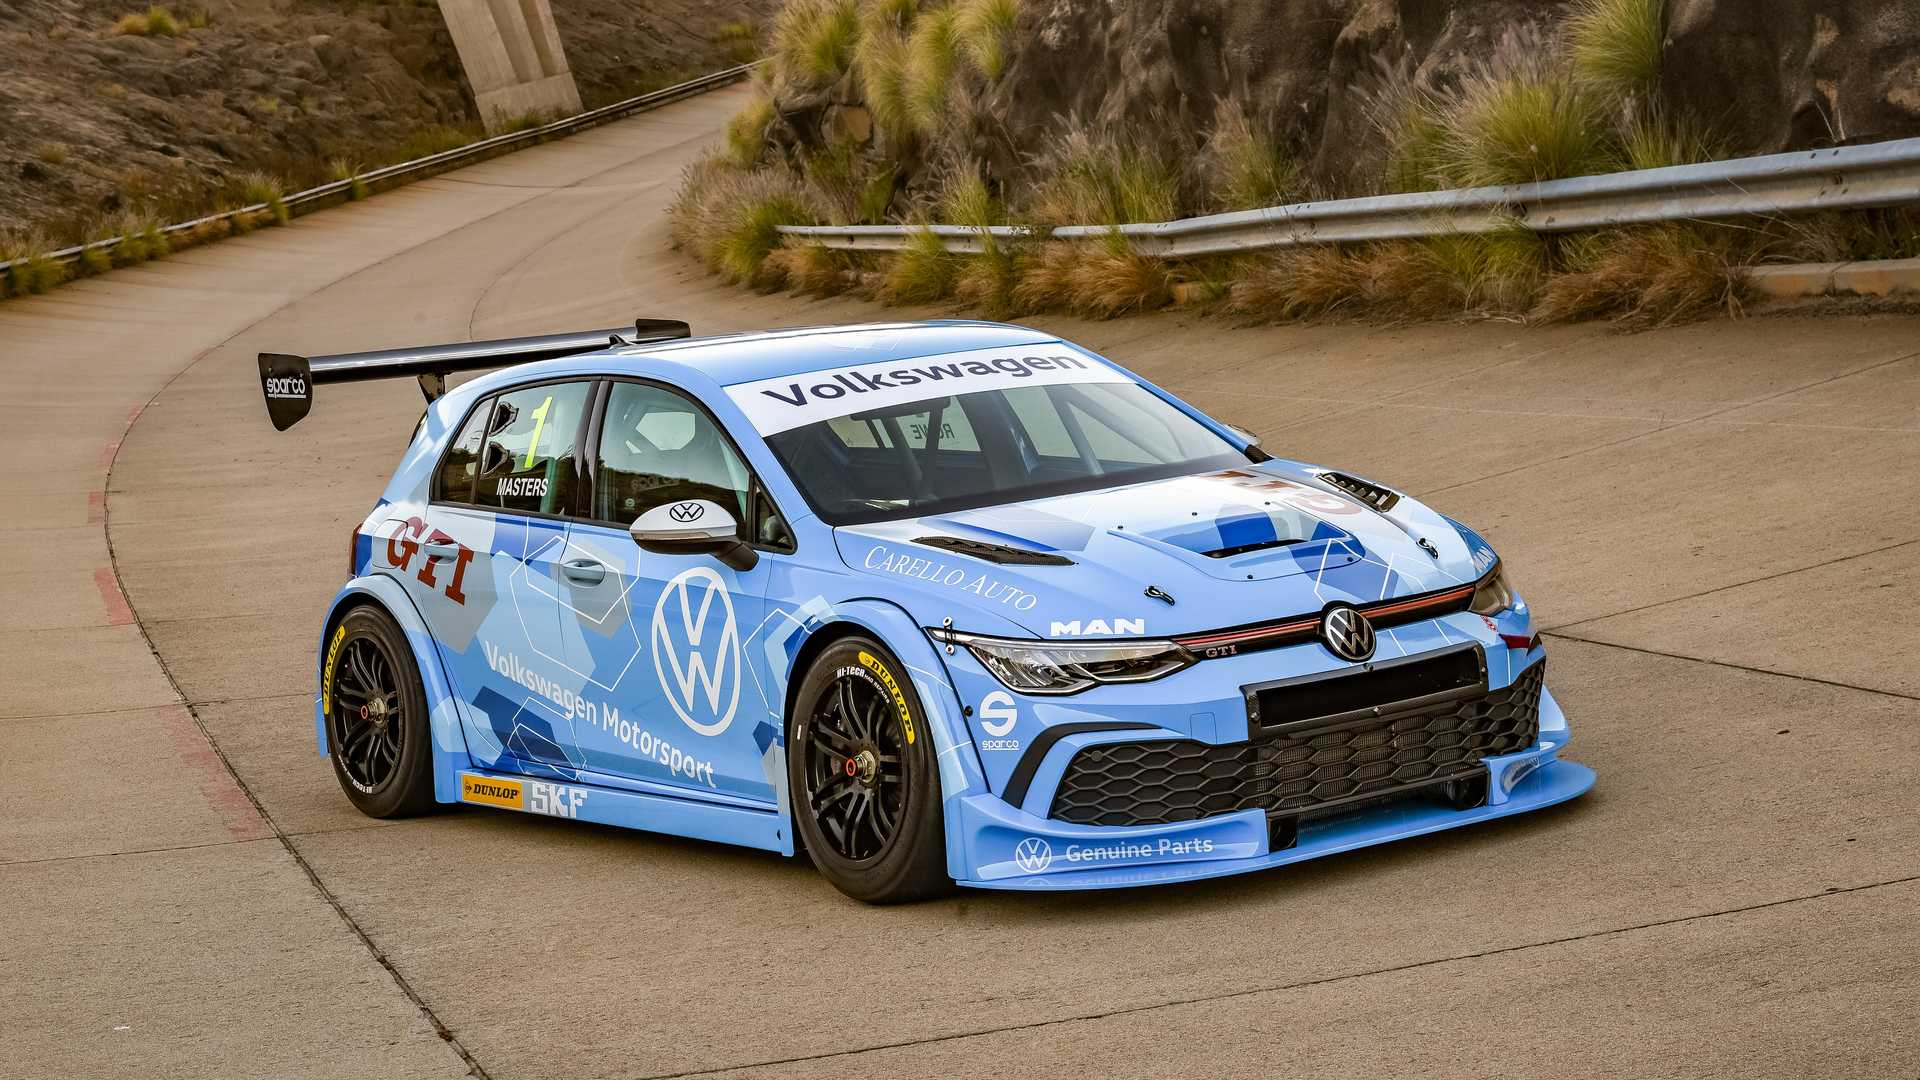 Volkswagen-GTI-GTC-Race-Car-5